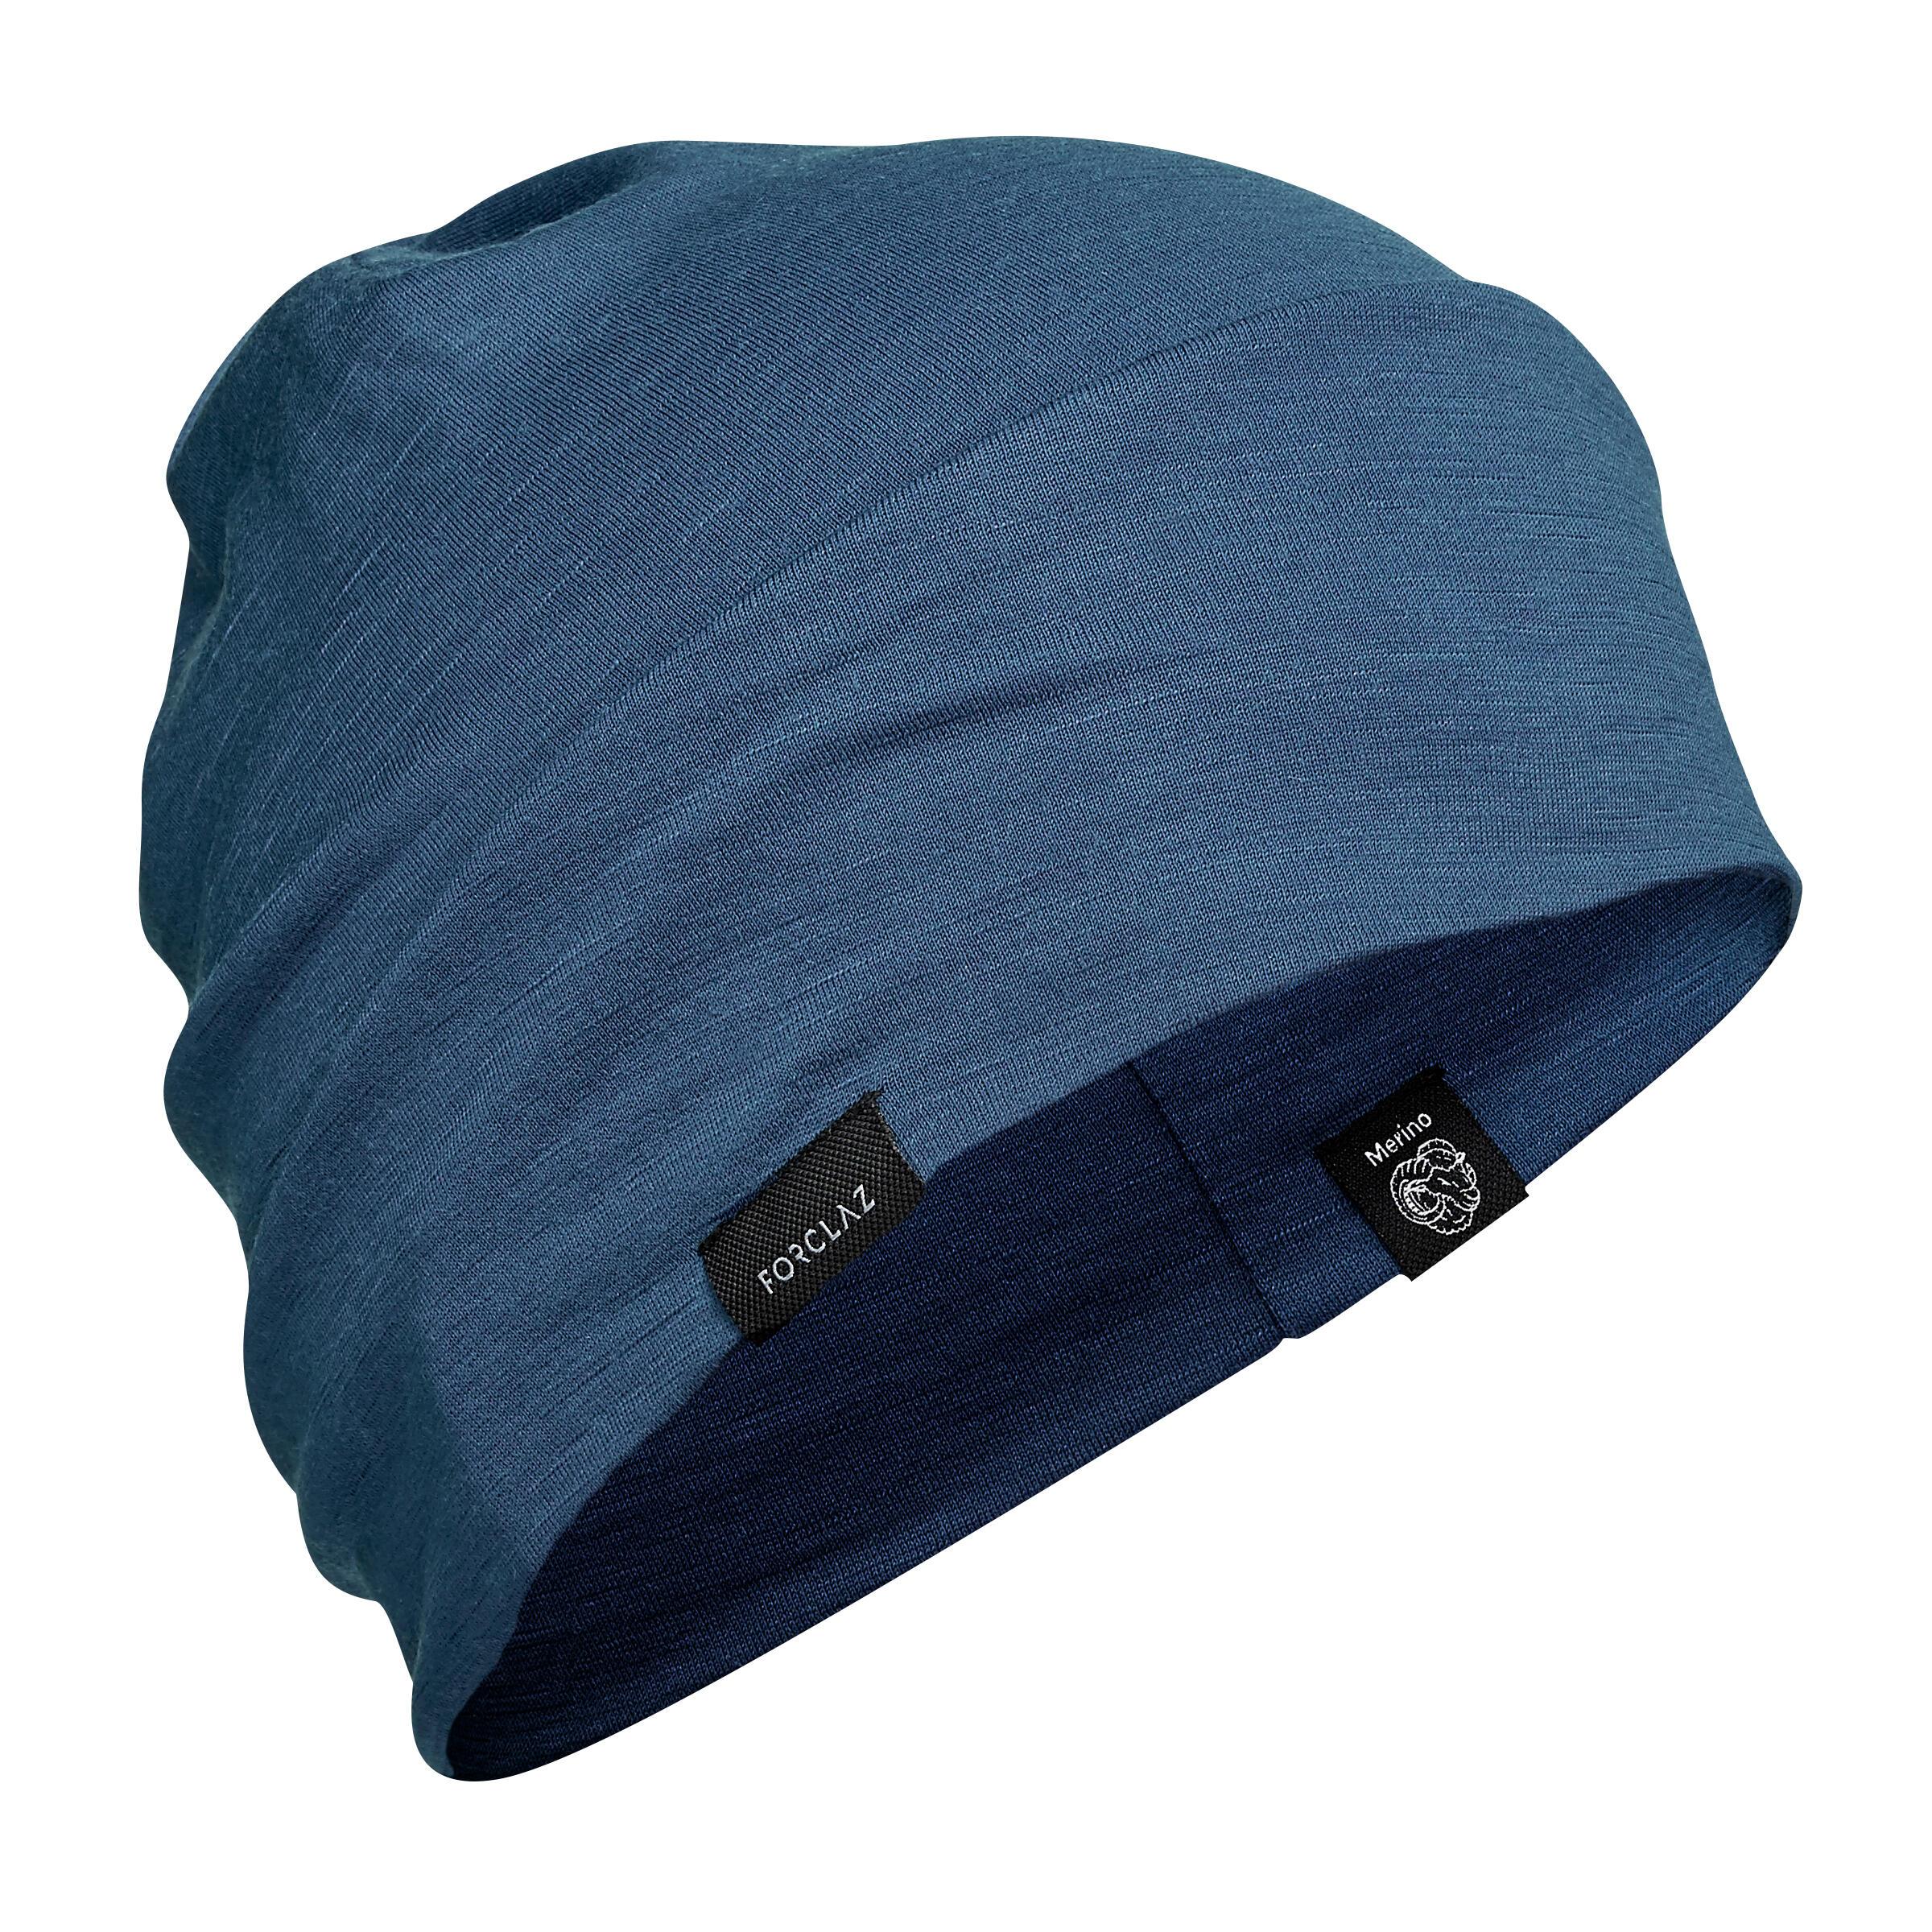 sélection premium 91445 442d5 Bonnets Homme | Decathlon